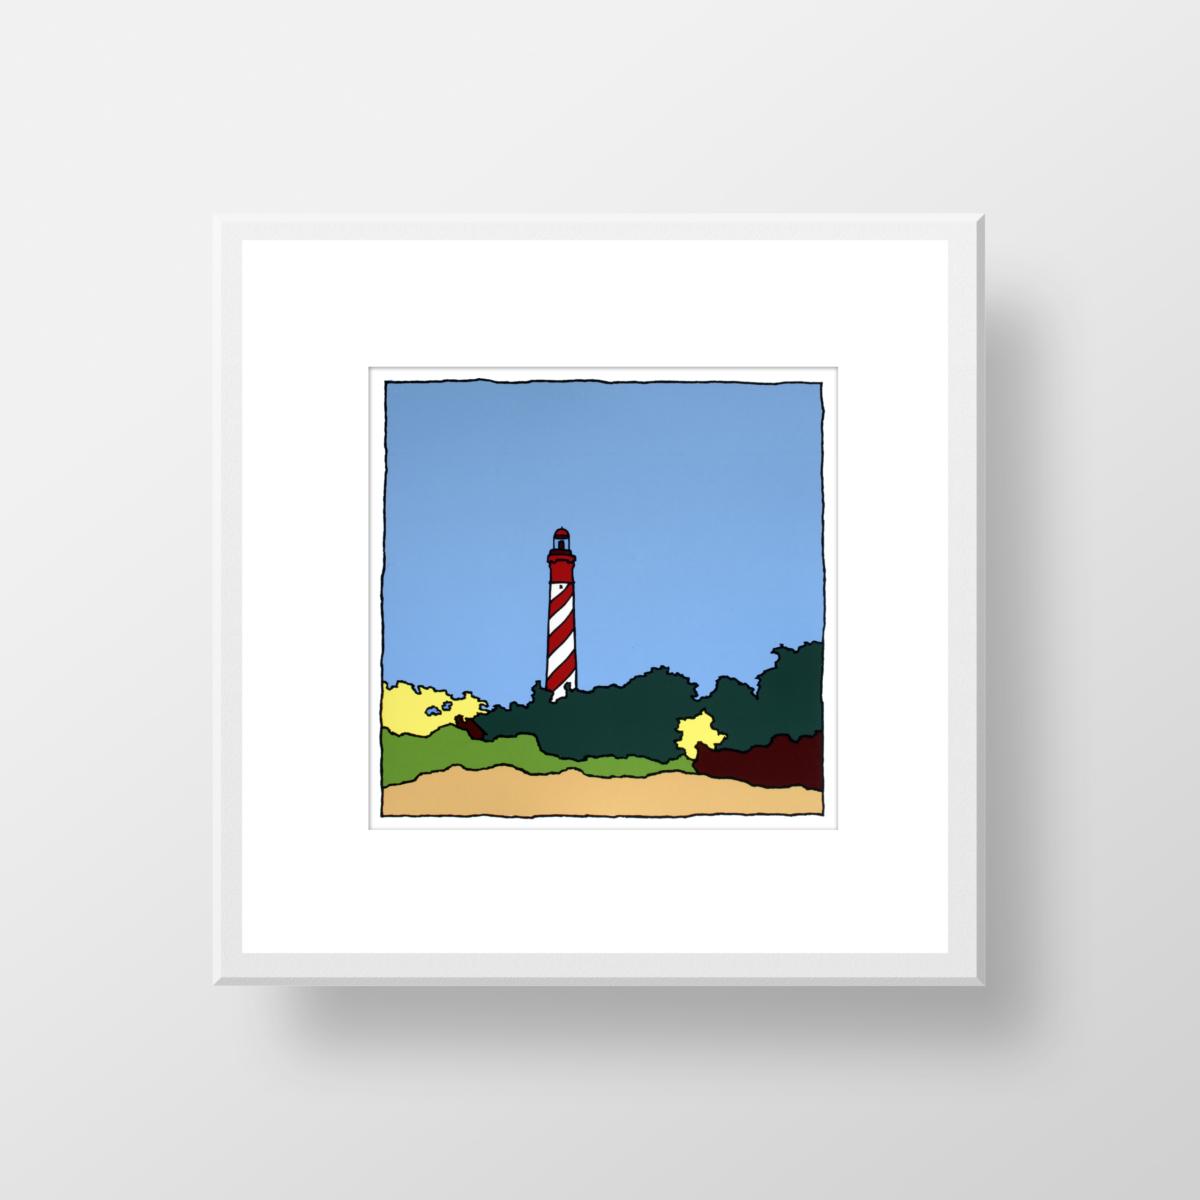 De vuurtoren van Burgh Haamstede in de lente, een ingelijste zeefdruk gemaakt door kunstenaar Wim van Willegen.